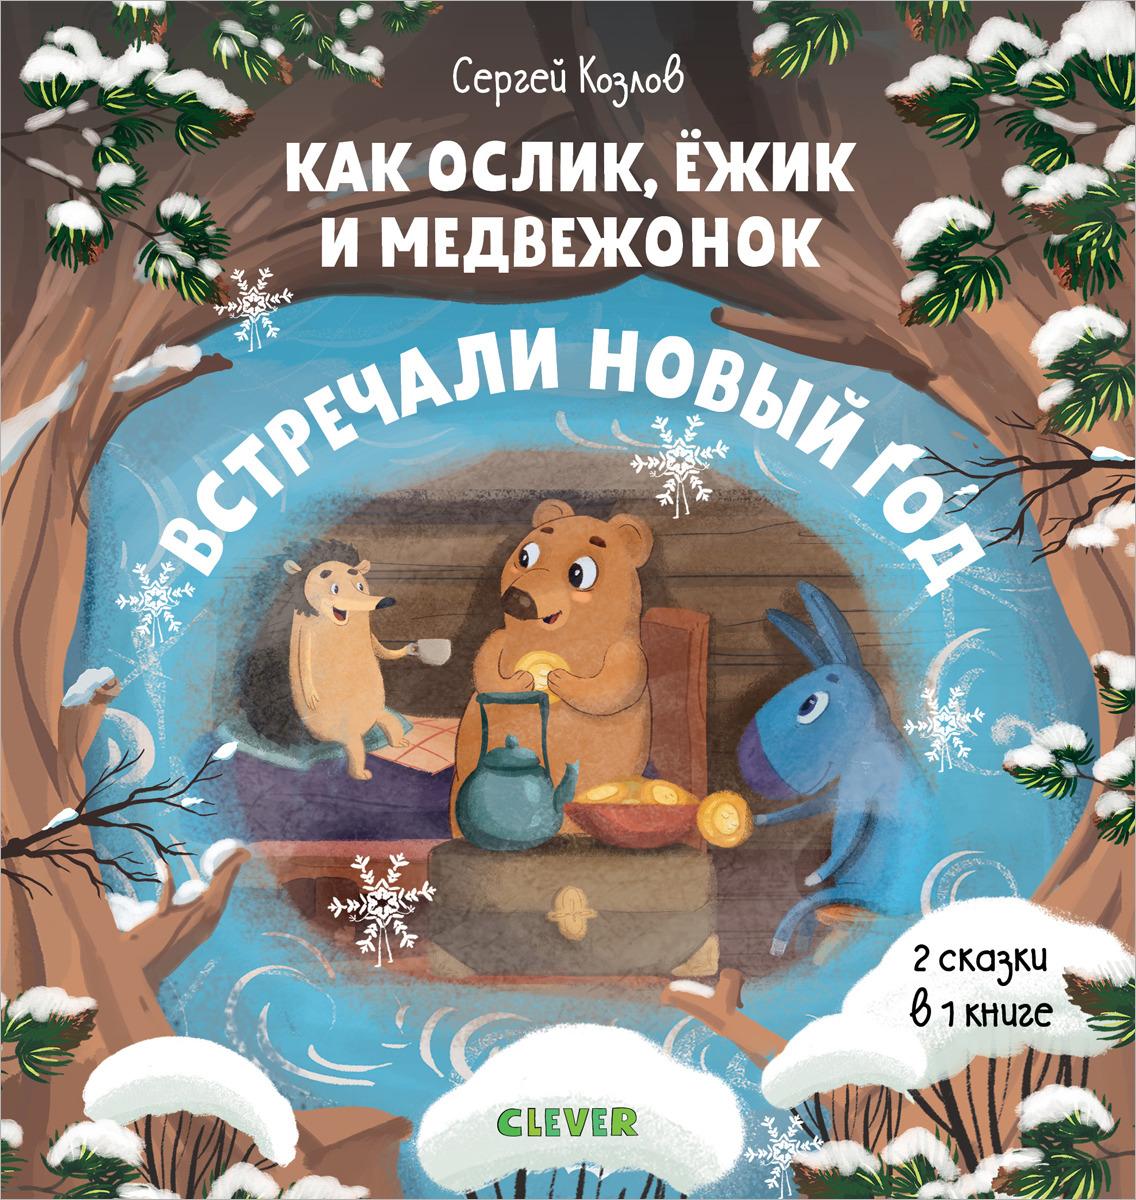 Козлов С. Новый год. Как Ослик, Ёжик и Медвежонок встречали Новый год